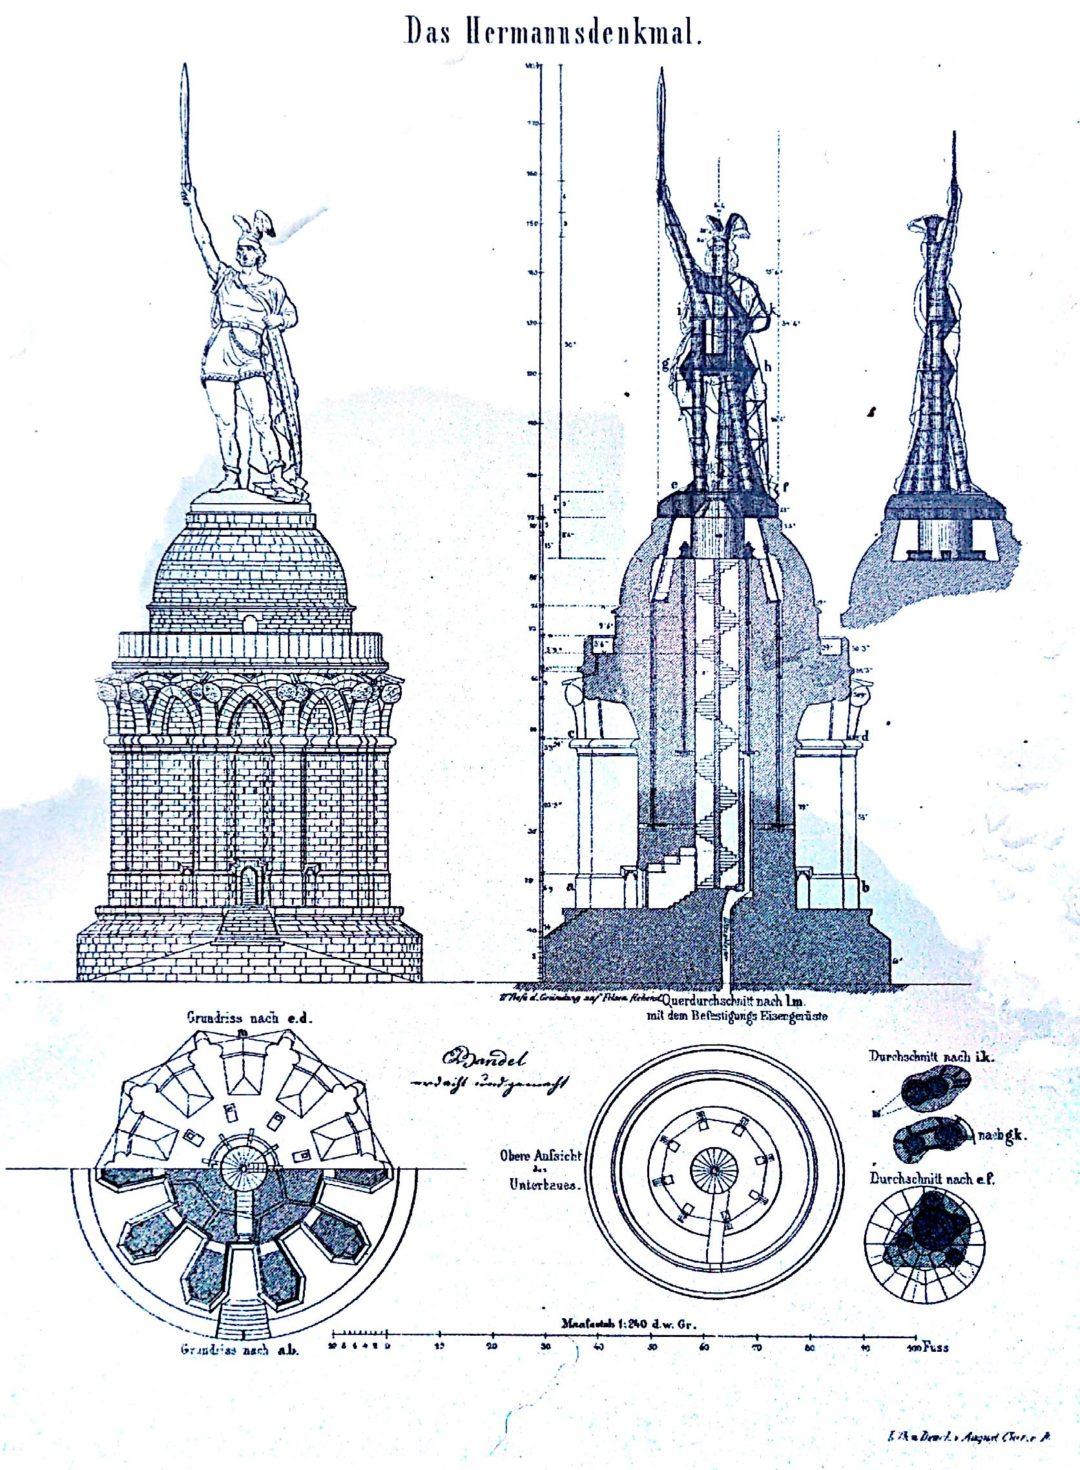 Disegno dell'Hermannsdenkmal